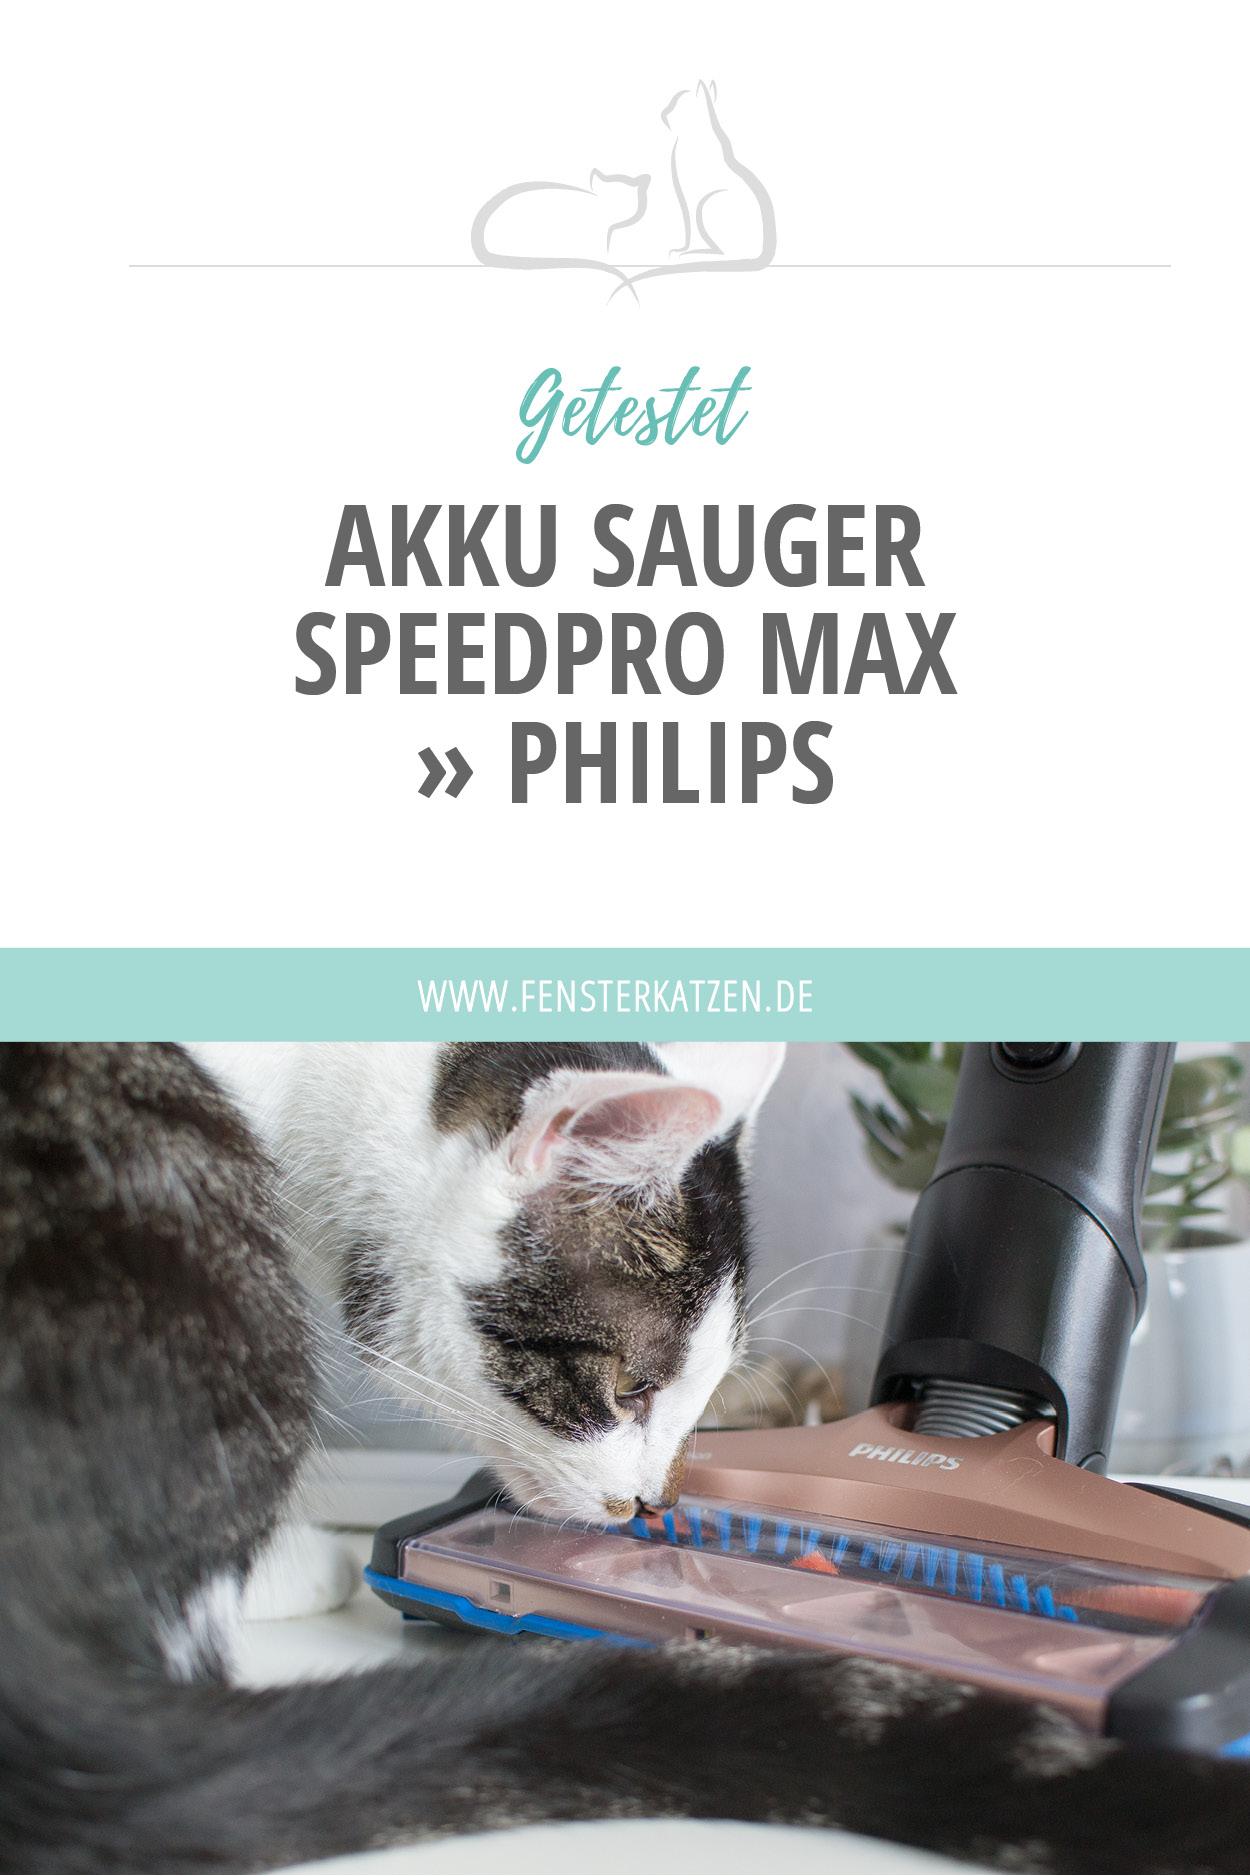 Ich habe mir schon länger einen Akku Staubsauger gewünscht mit dem man einfach mal schnell das Streu um das Katzenklo herum aufsaugen kann, ohne immer den großen, schweren Staubsauger aus der Abstellkammer kramen und das Kabel ab- und wieder aufwickeln zu müssen. Dieser Traum ist nun endlich in Erfüllung gegangen, denn Philips hat uns einen SpeedPro Max (FC6826/01) und eine extra Turbodüse für Tierhaare zukommen lassen. Yay! :D